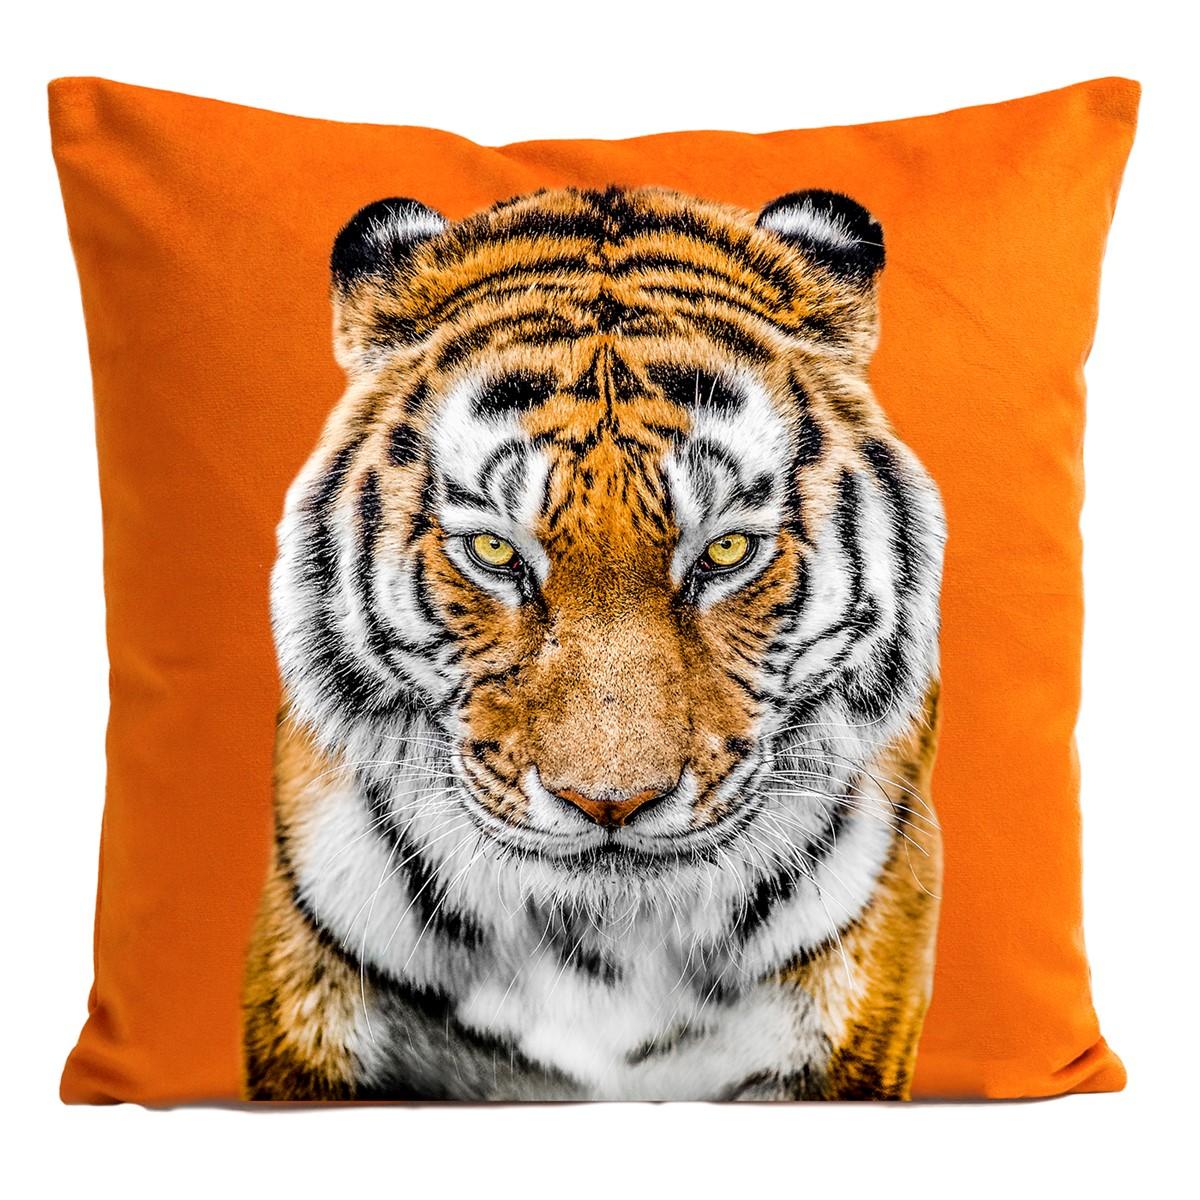 Coussin velours carré imprimé animaux orange vif 60x60